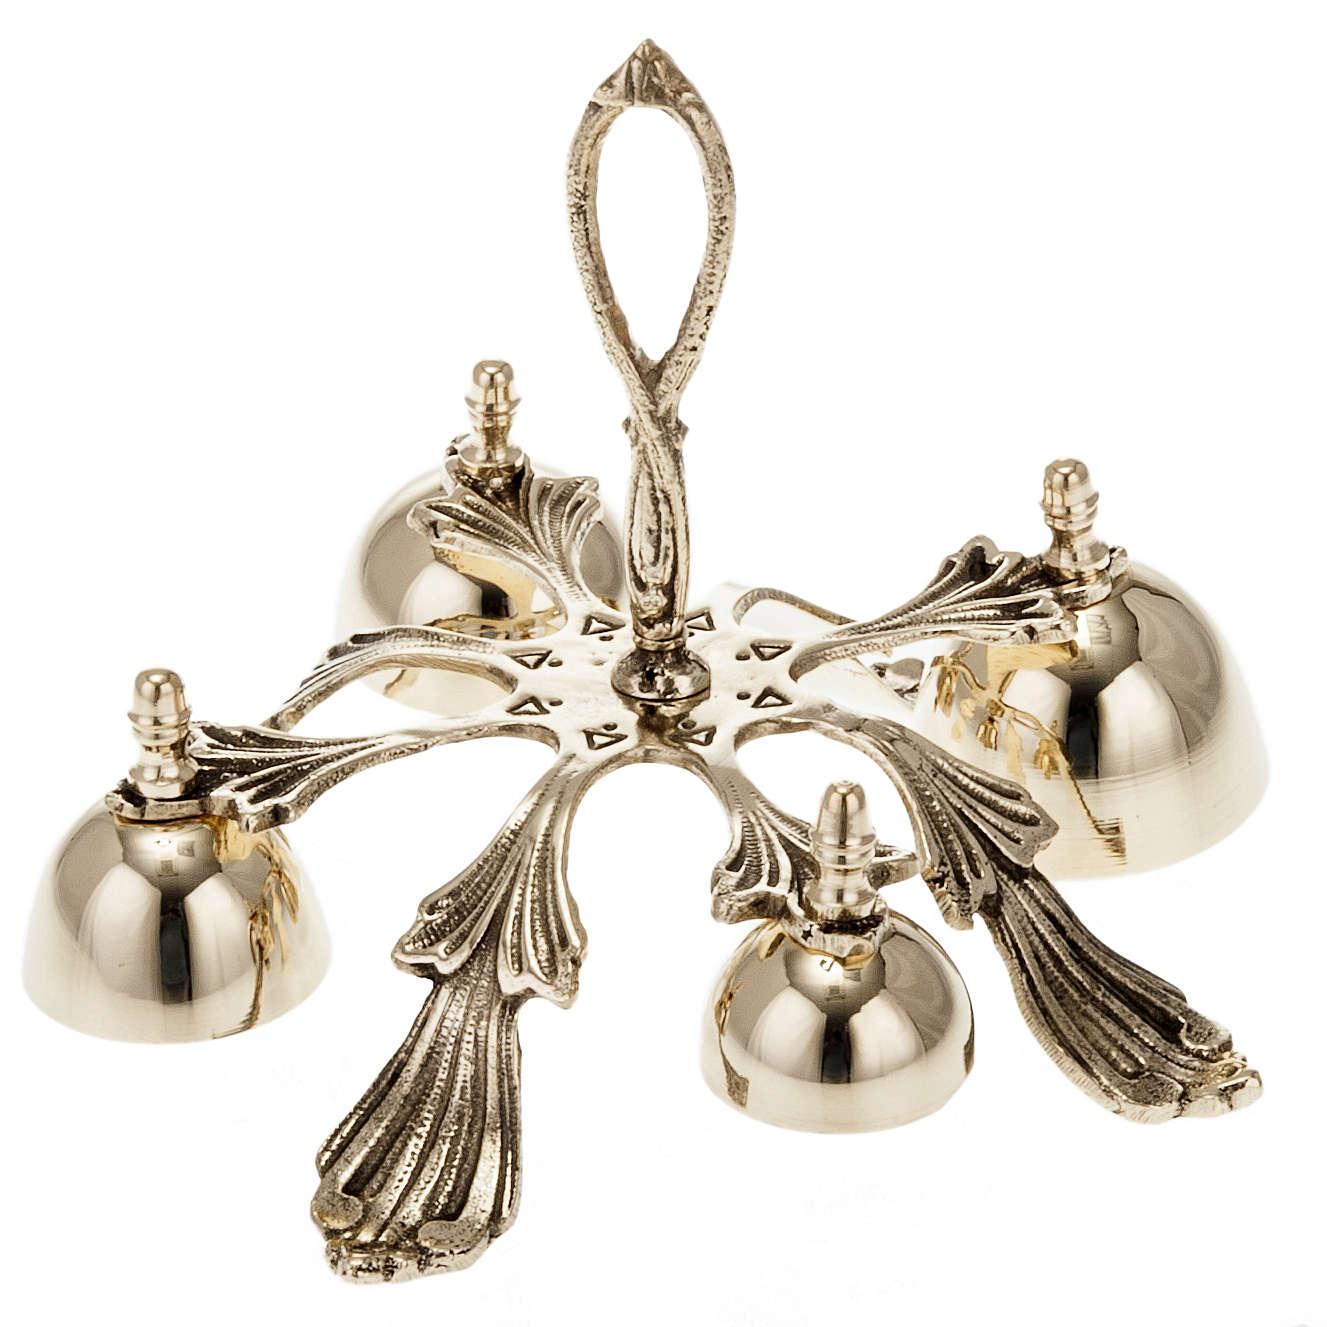 Campanello liturgico a quattro suoni decorato dorato 3